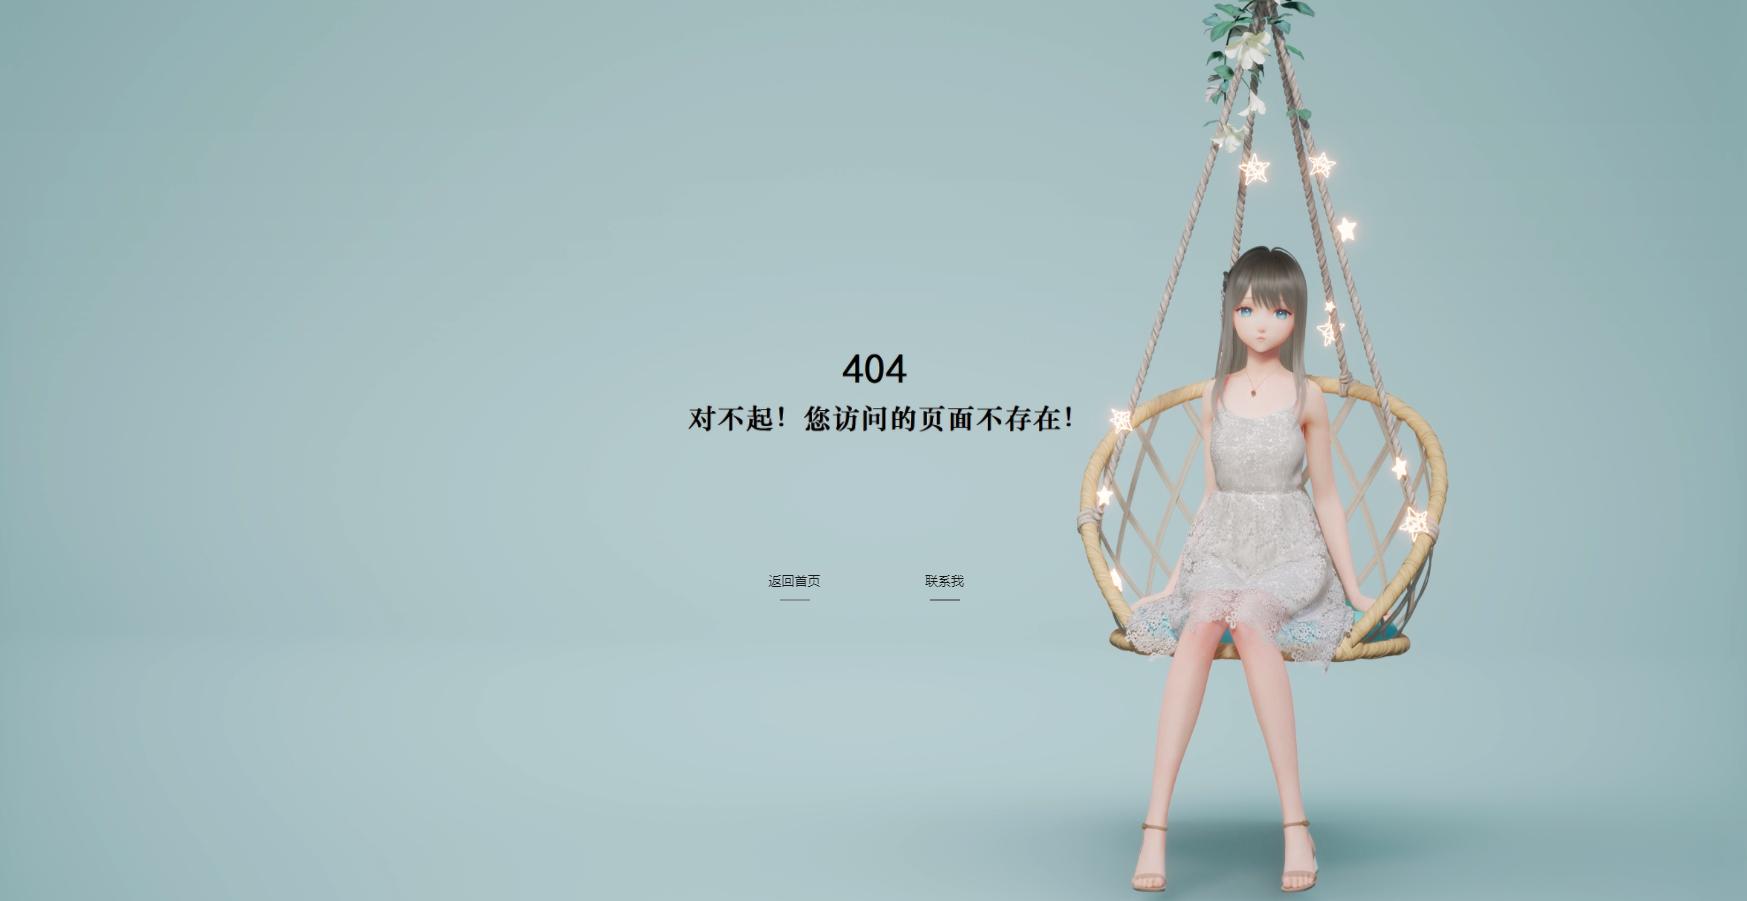 唯美好看的动态个人鹿鸣404单页HTML源码